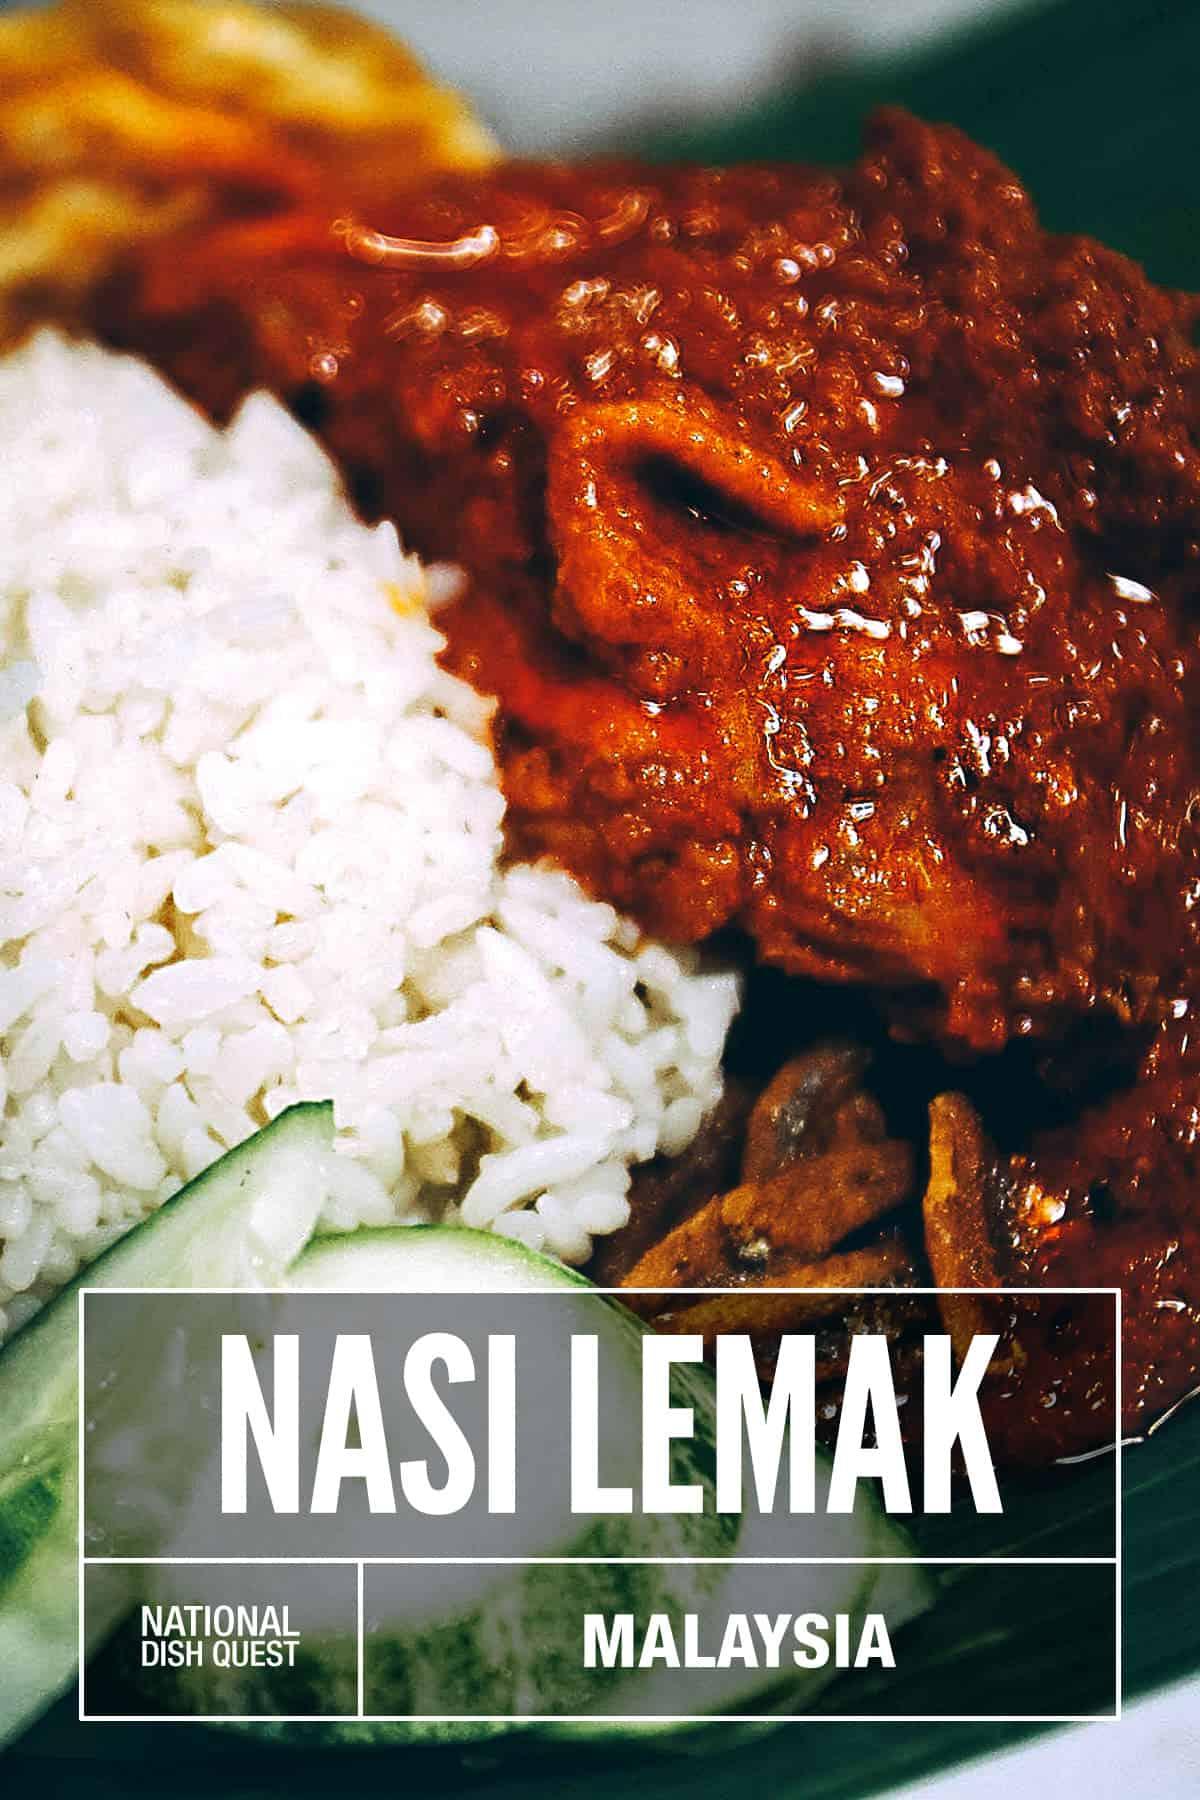 Plate of nasi lemak